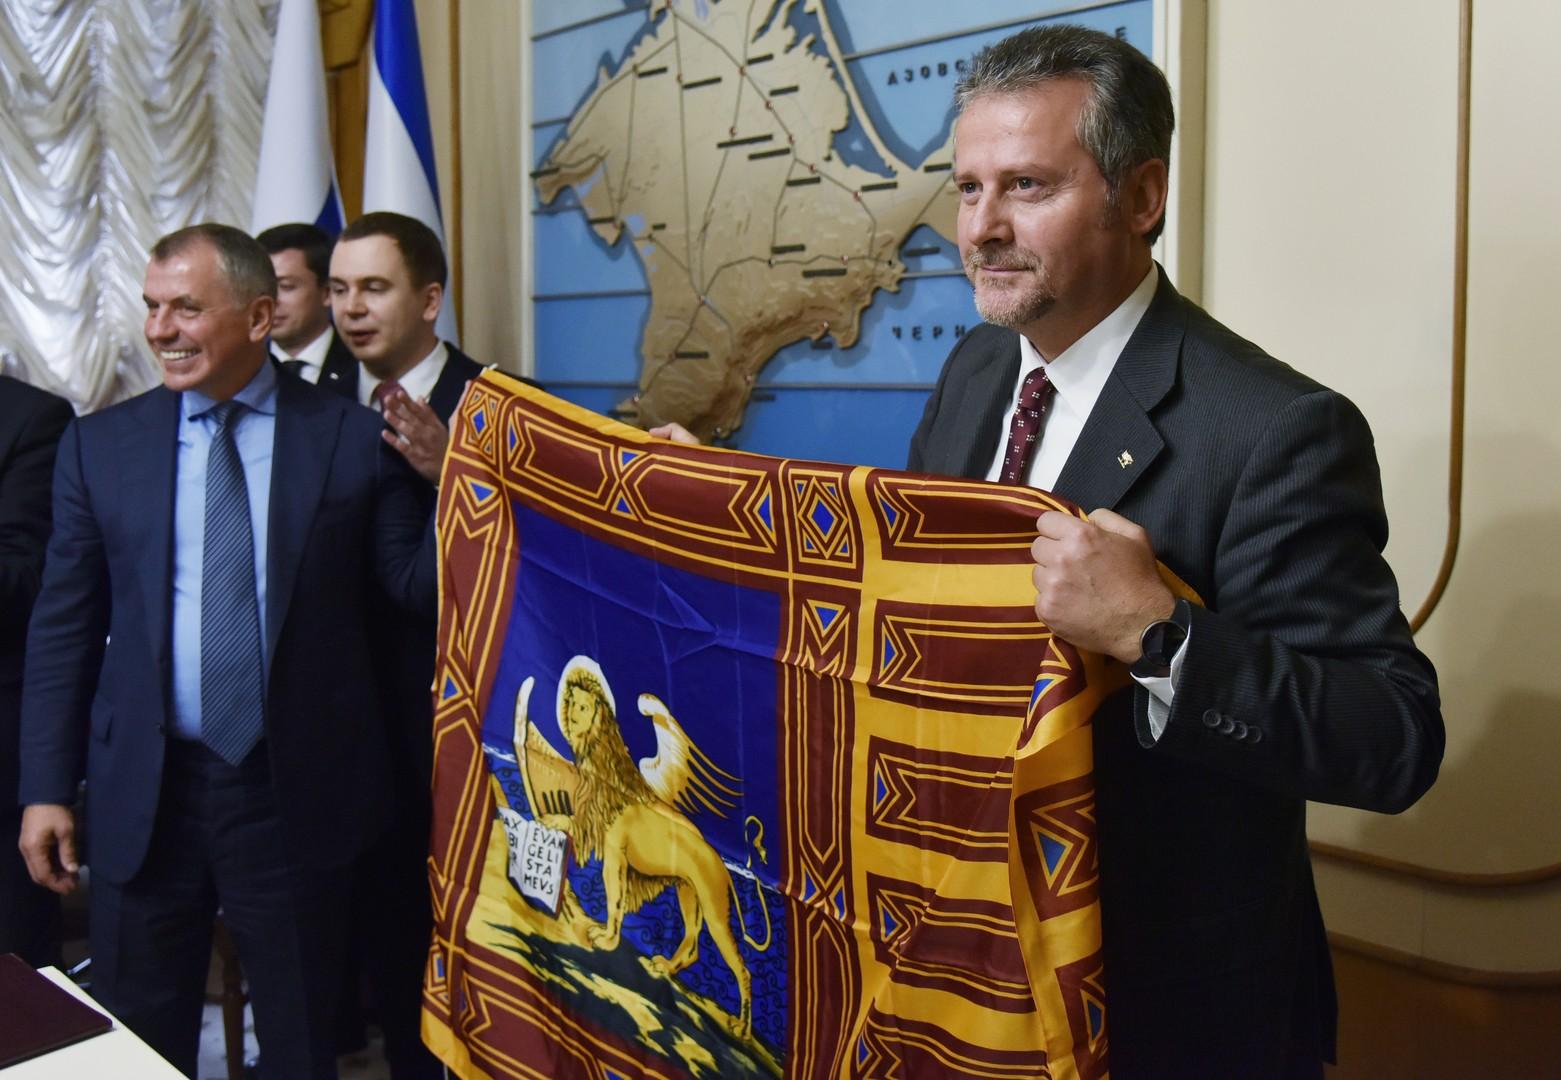 Lega Nord in Crimea